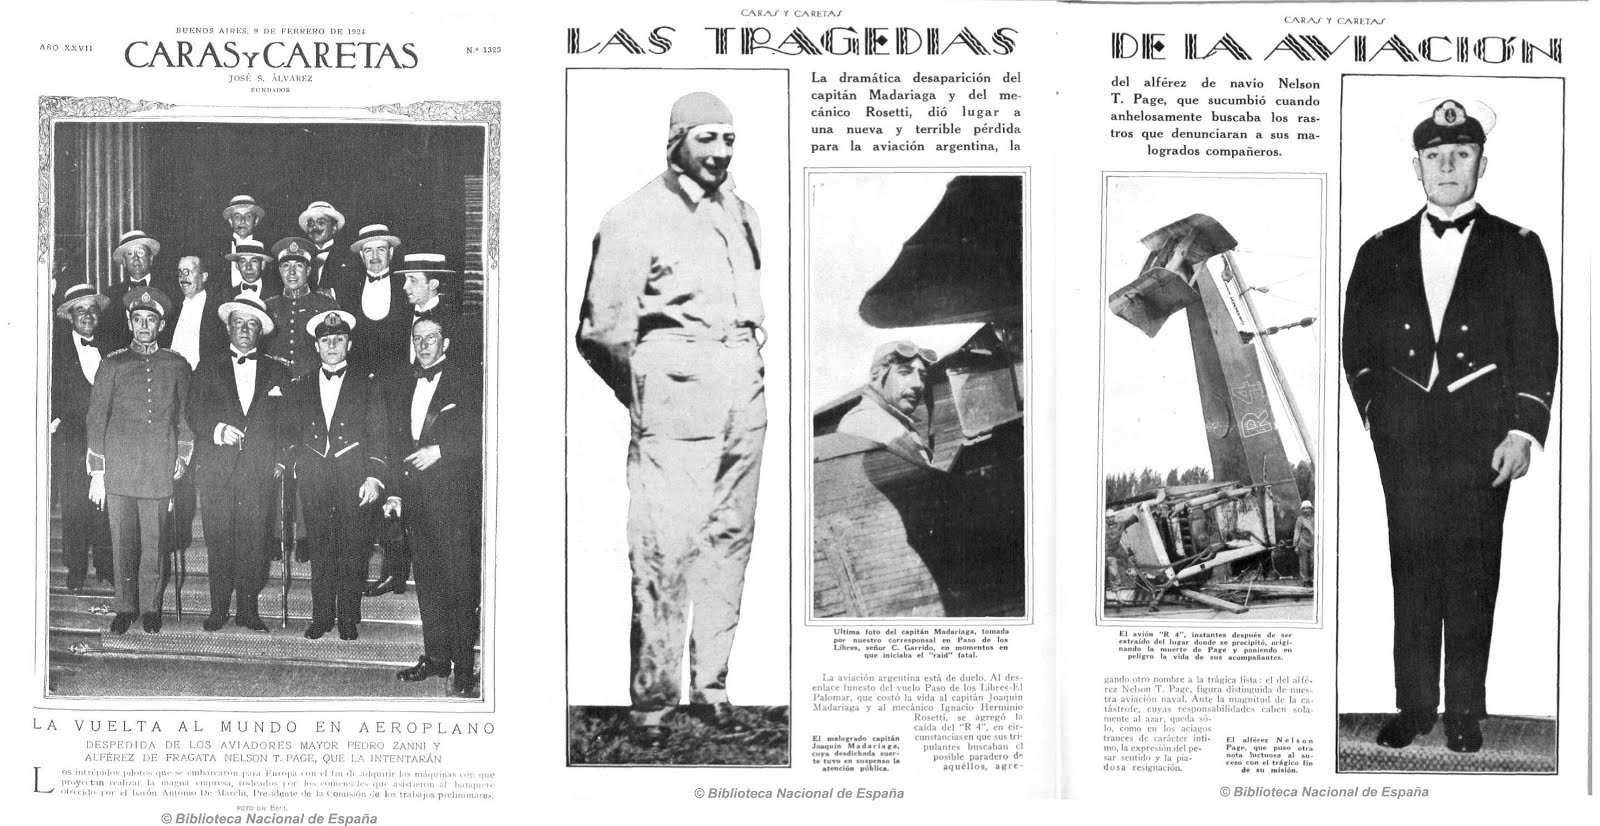 CENTENARIO DE LA AVIACIÓN NAVAL ARGENTINA: Alférez de Navío Nelson T. PAGE